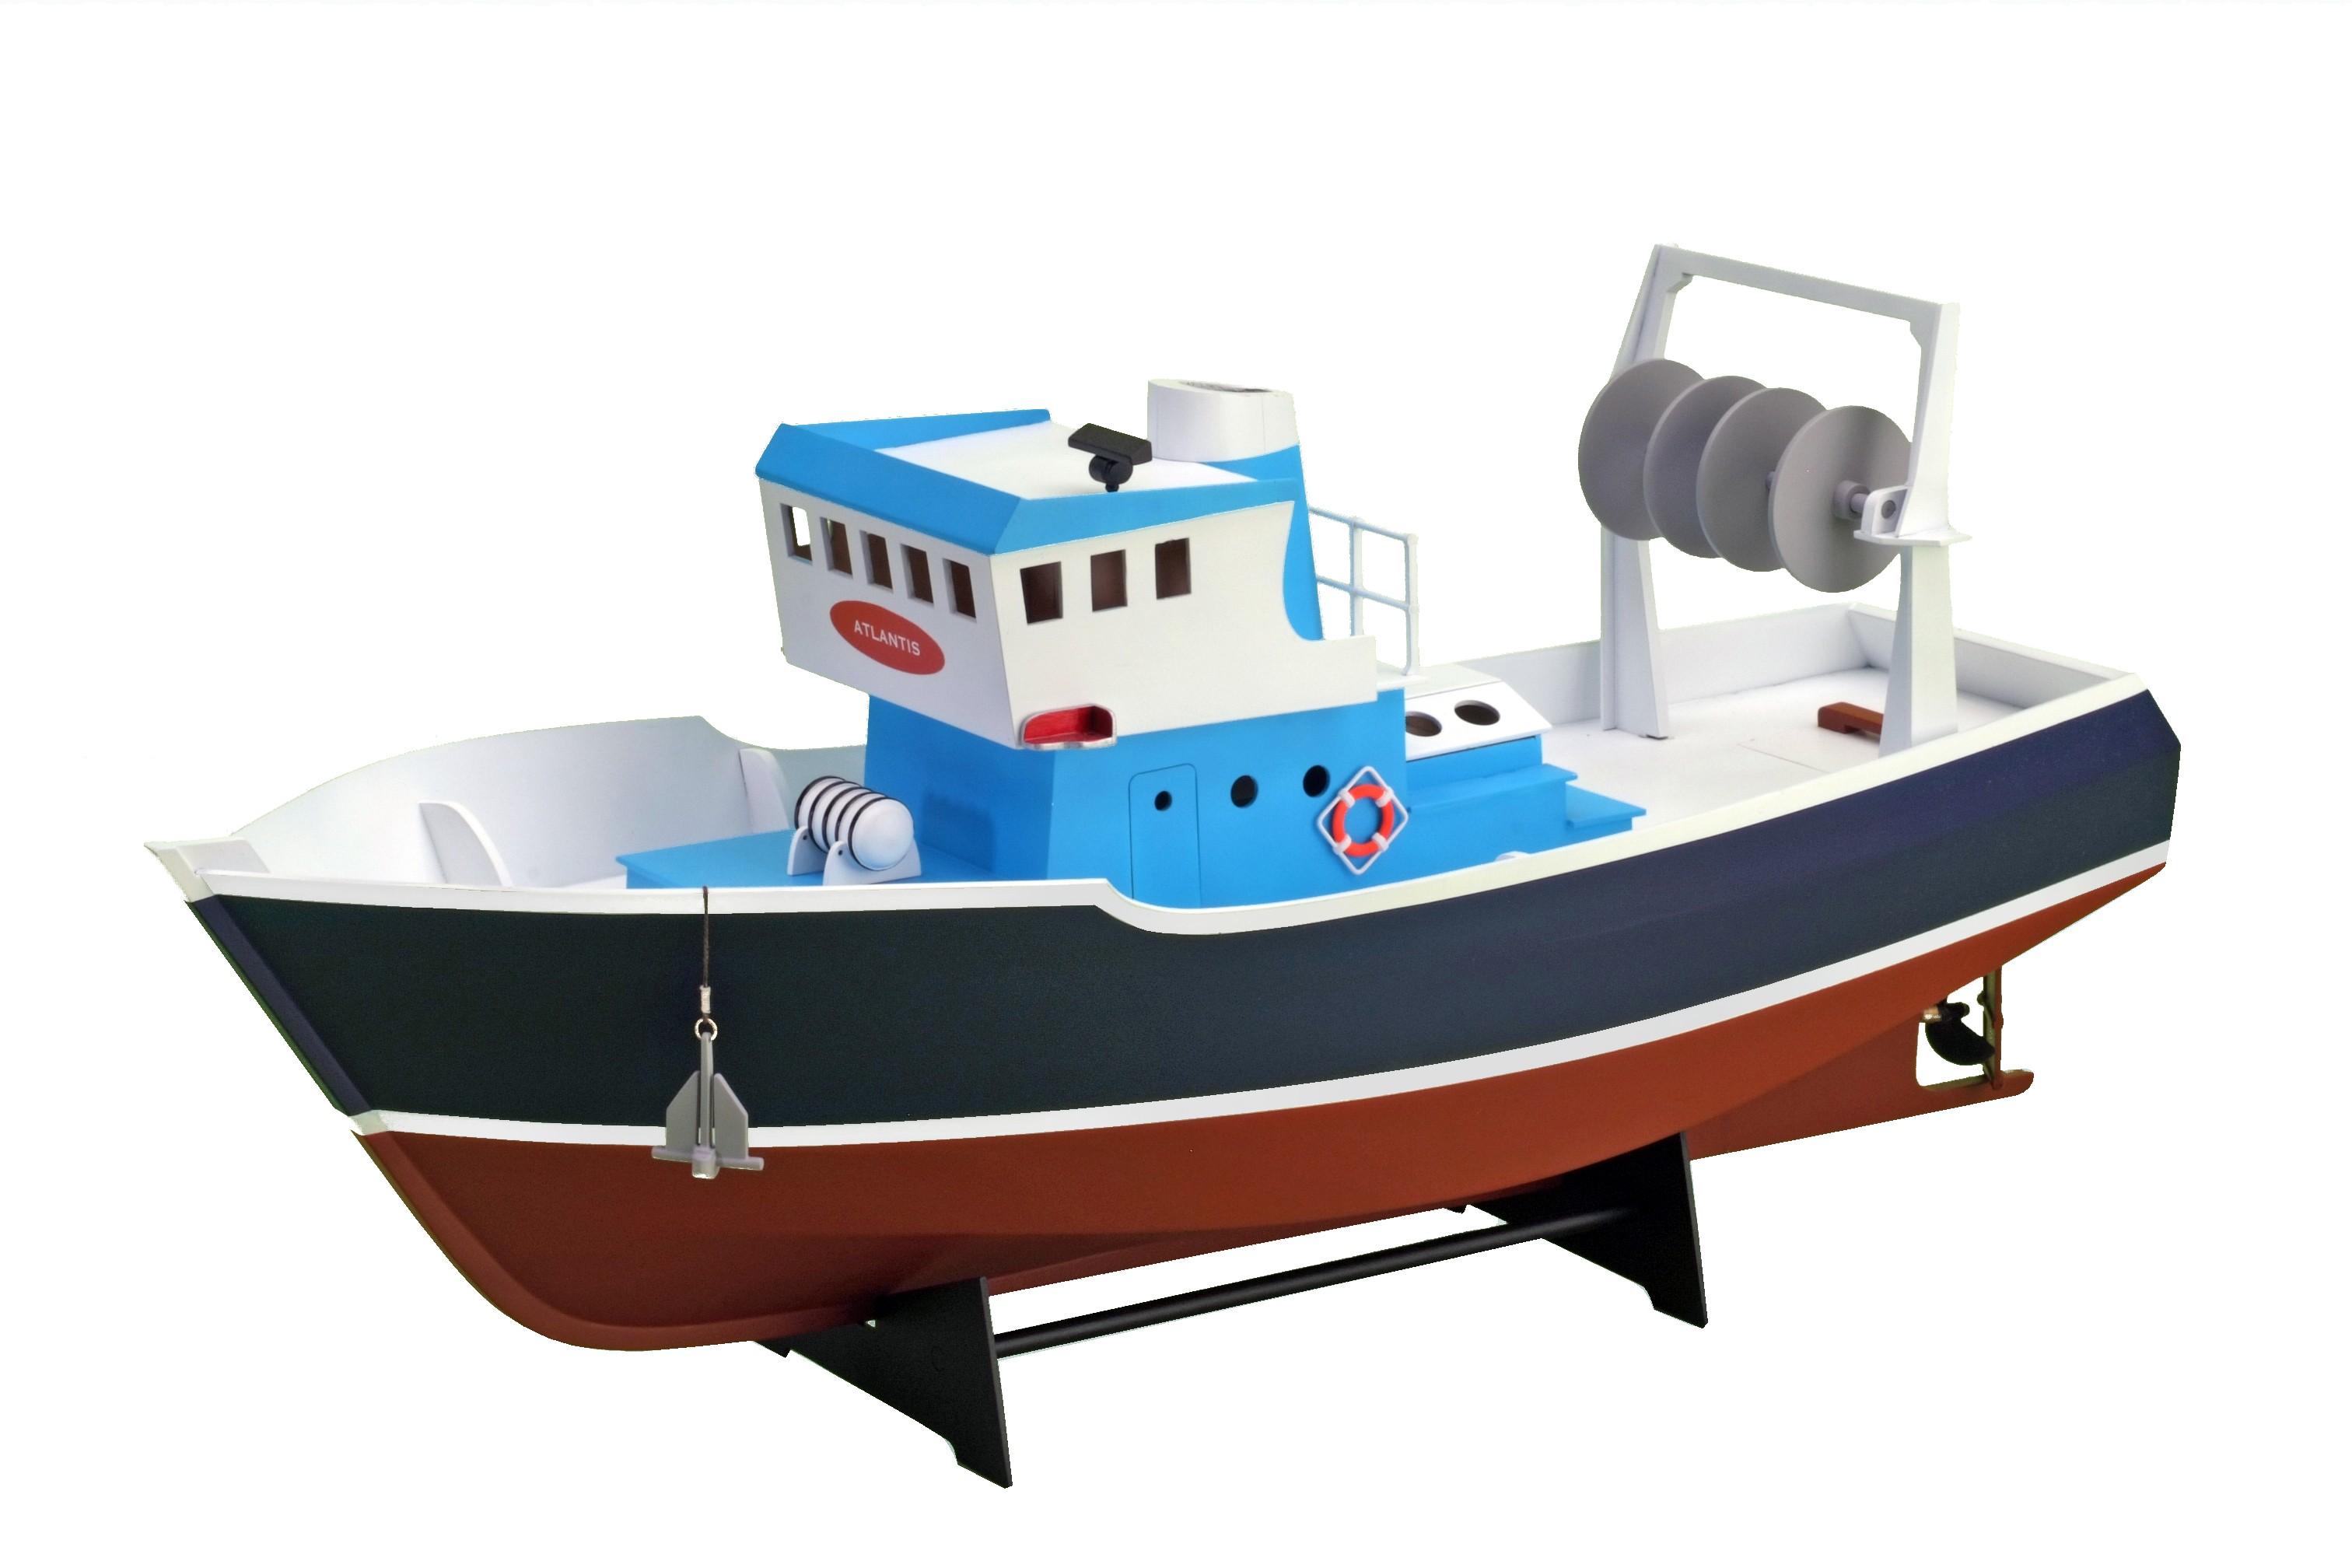 Barcos De Madera. Good Modelos De Barcos De Madera Del D Diy Modelo Ensamblado A Mano De ...